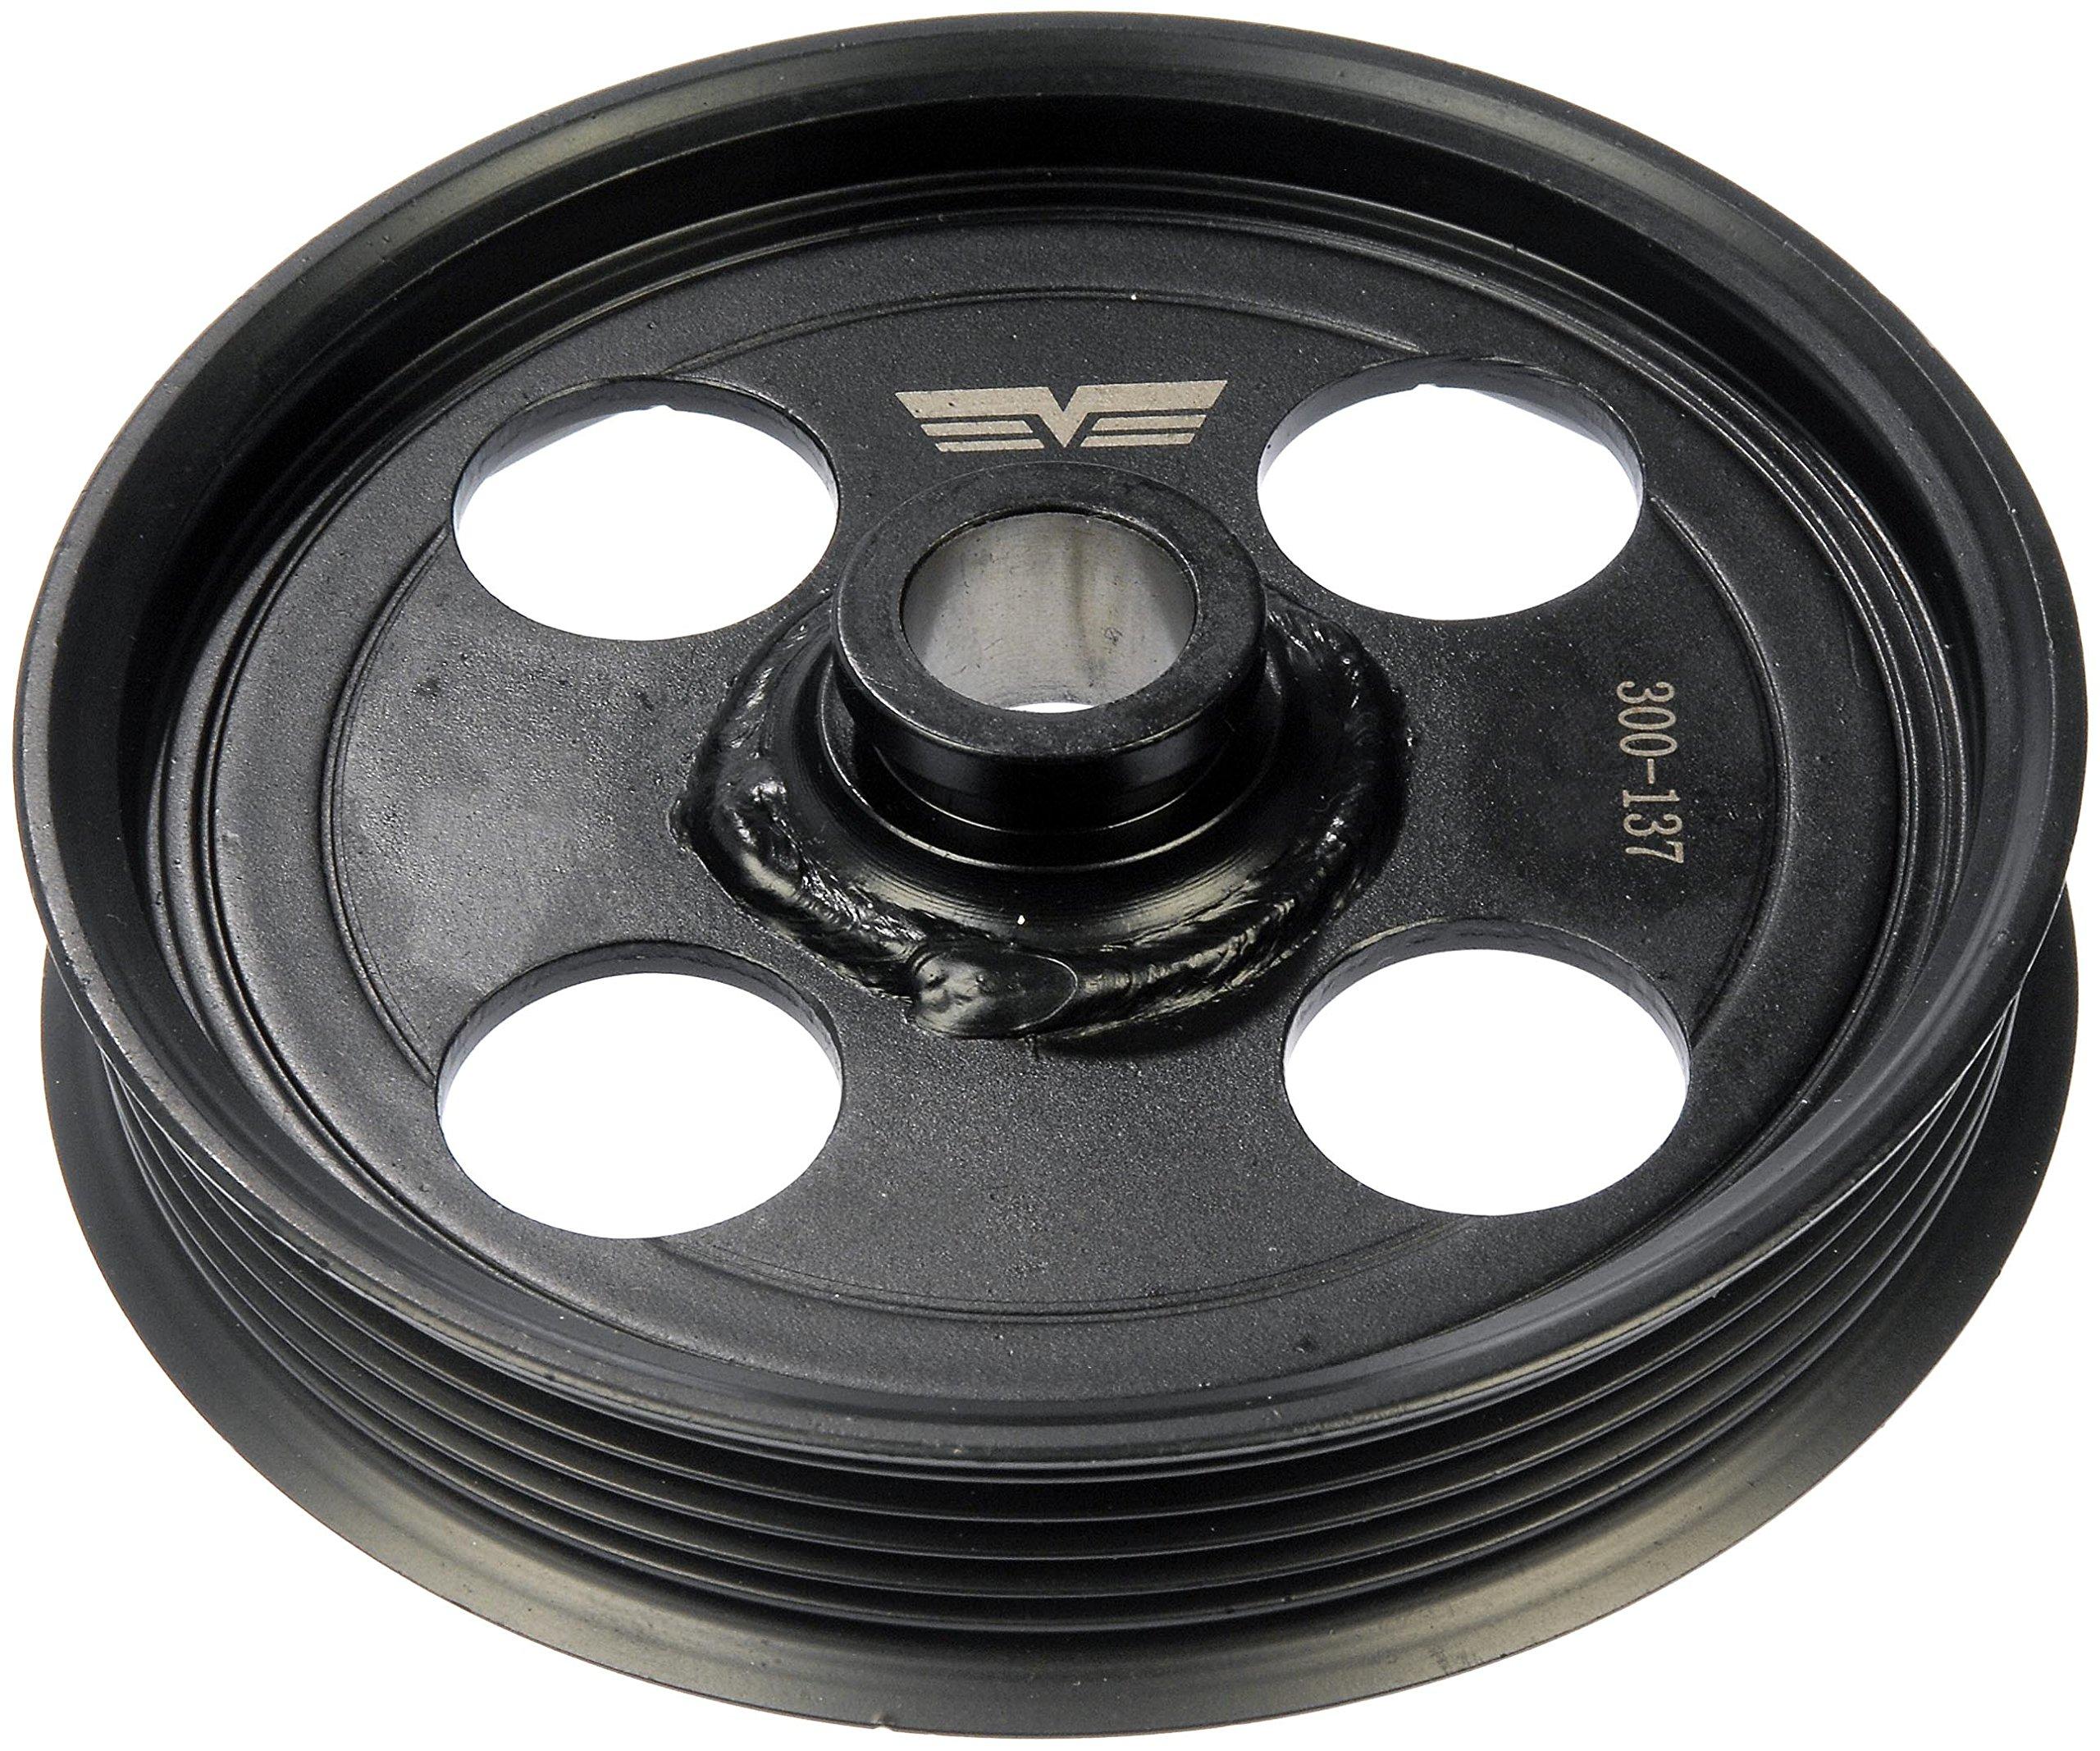 Dorman 300-137 Power Steering Pulley